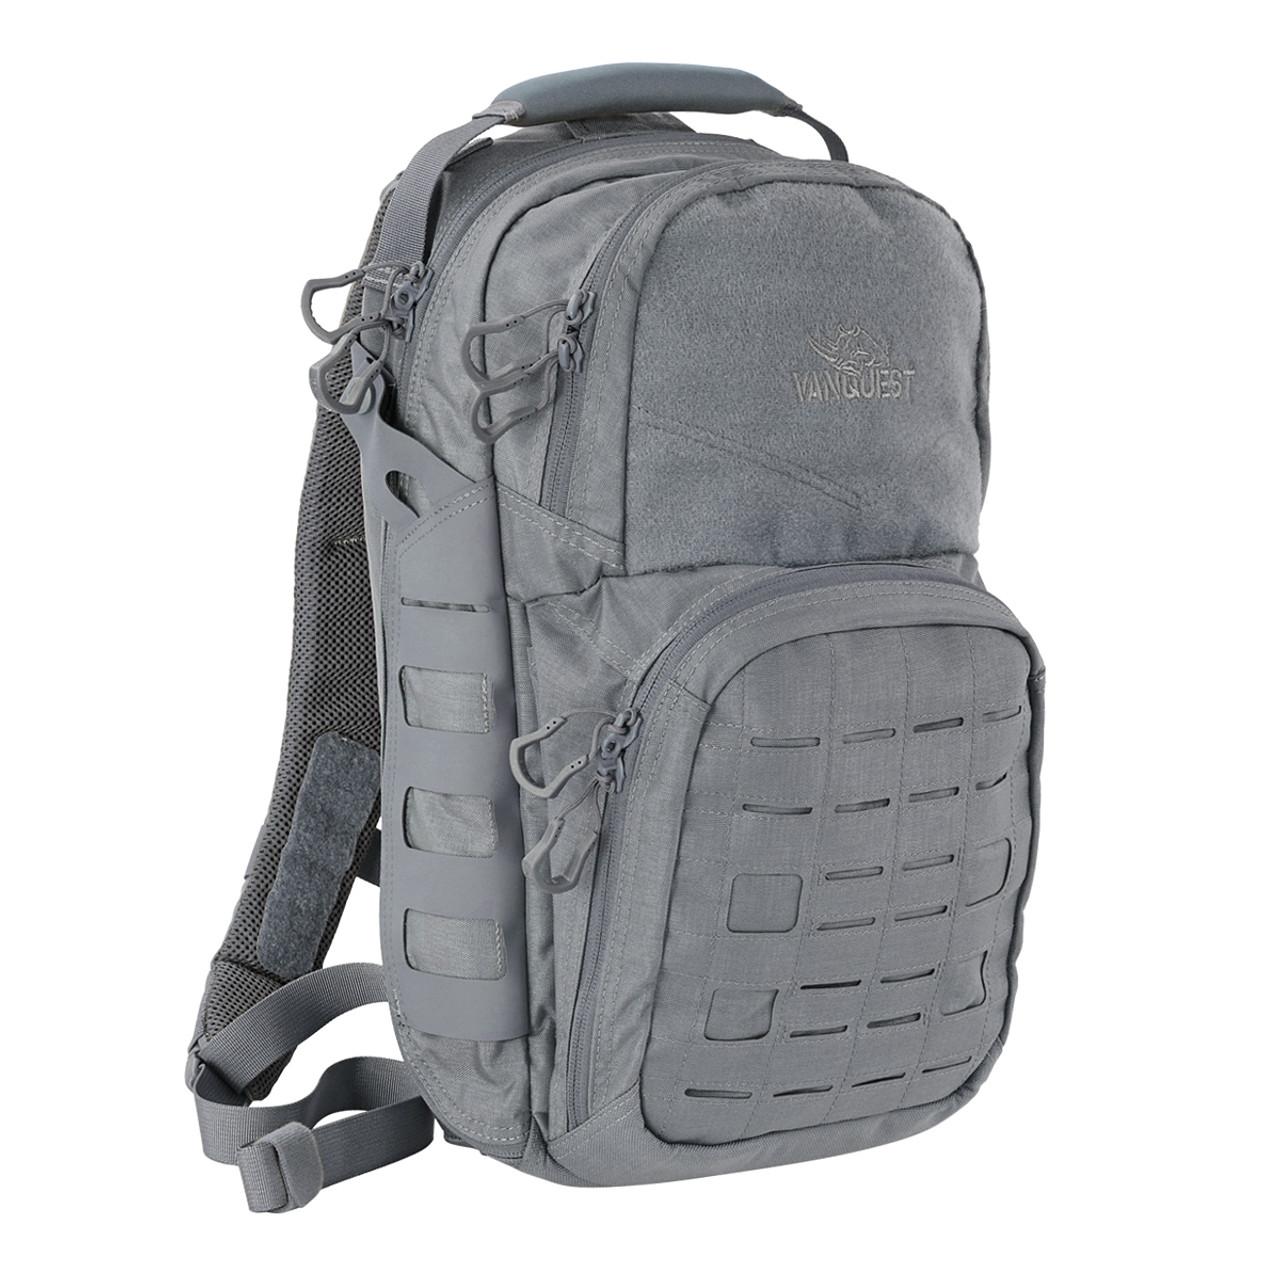 c91f64af79837d KATARA-16 Backpack - VANQUEST: TOUGH-BUILT GEAR